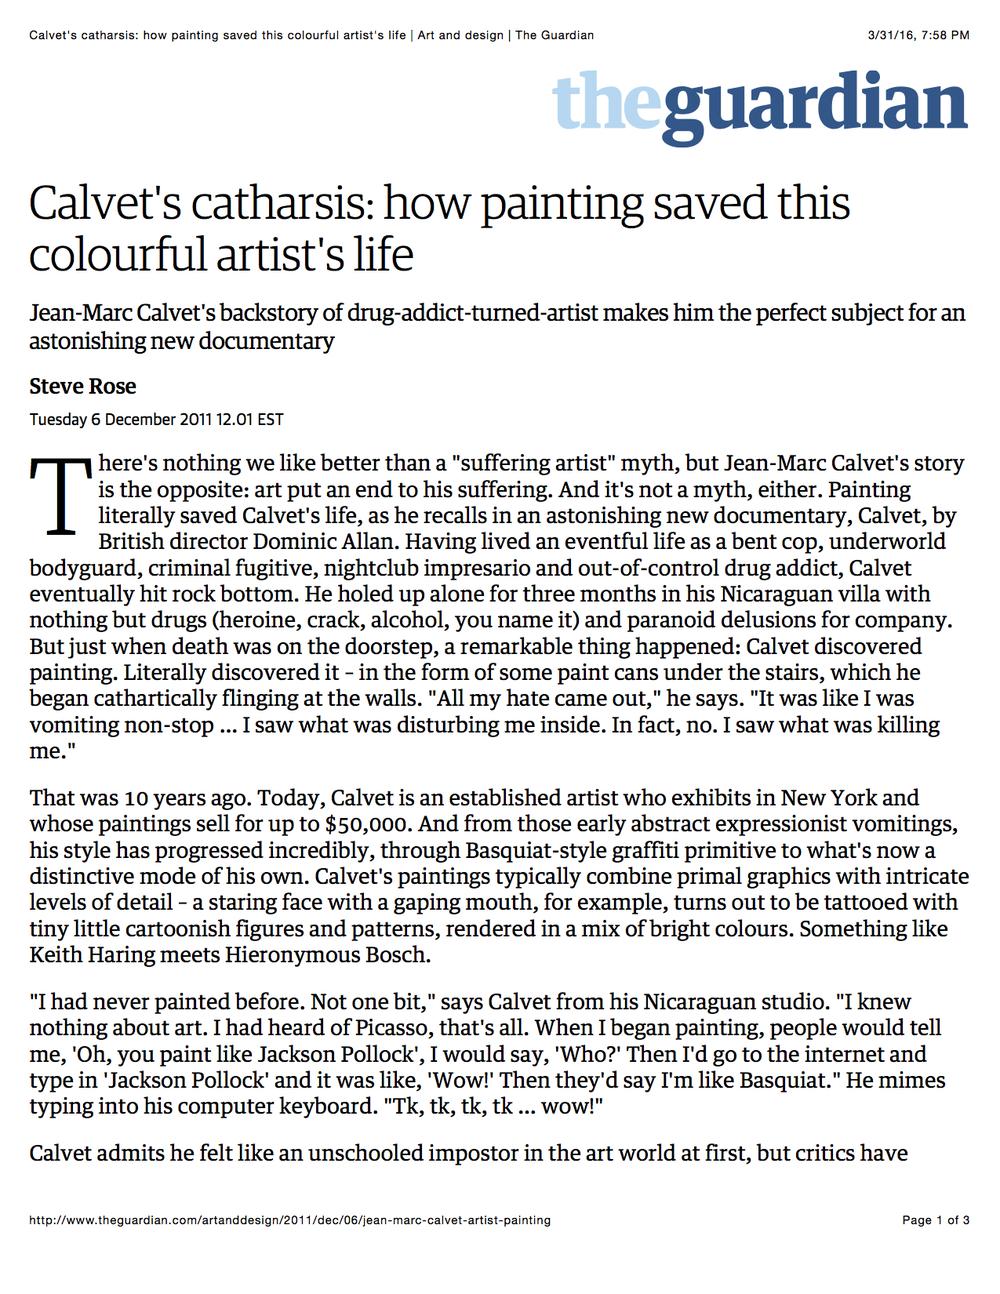 Calvet's catharsis1.jpg